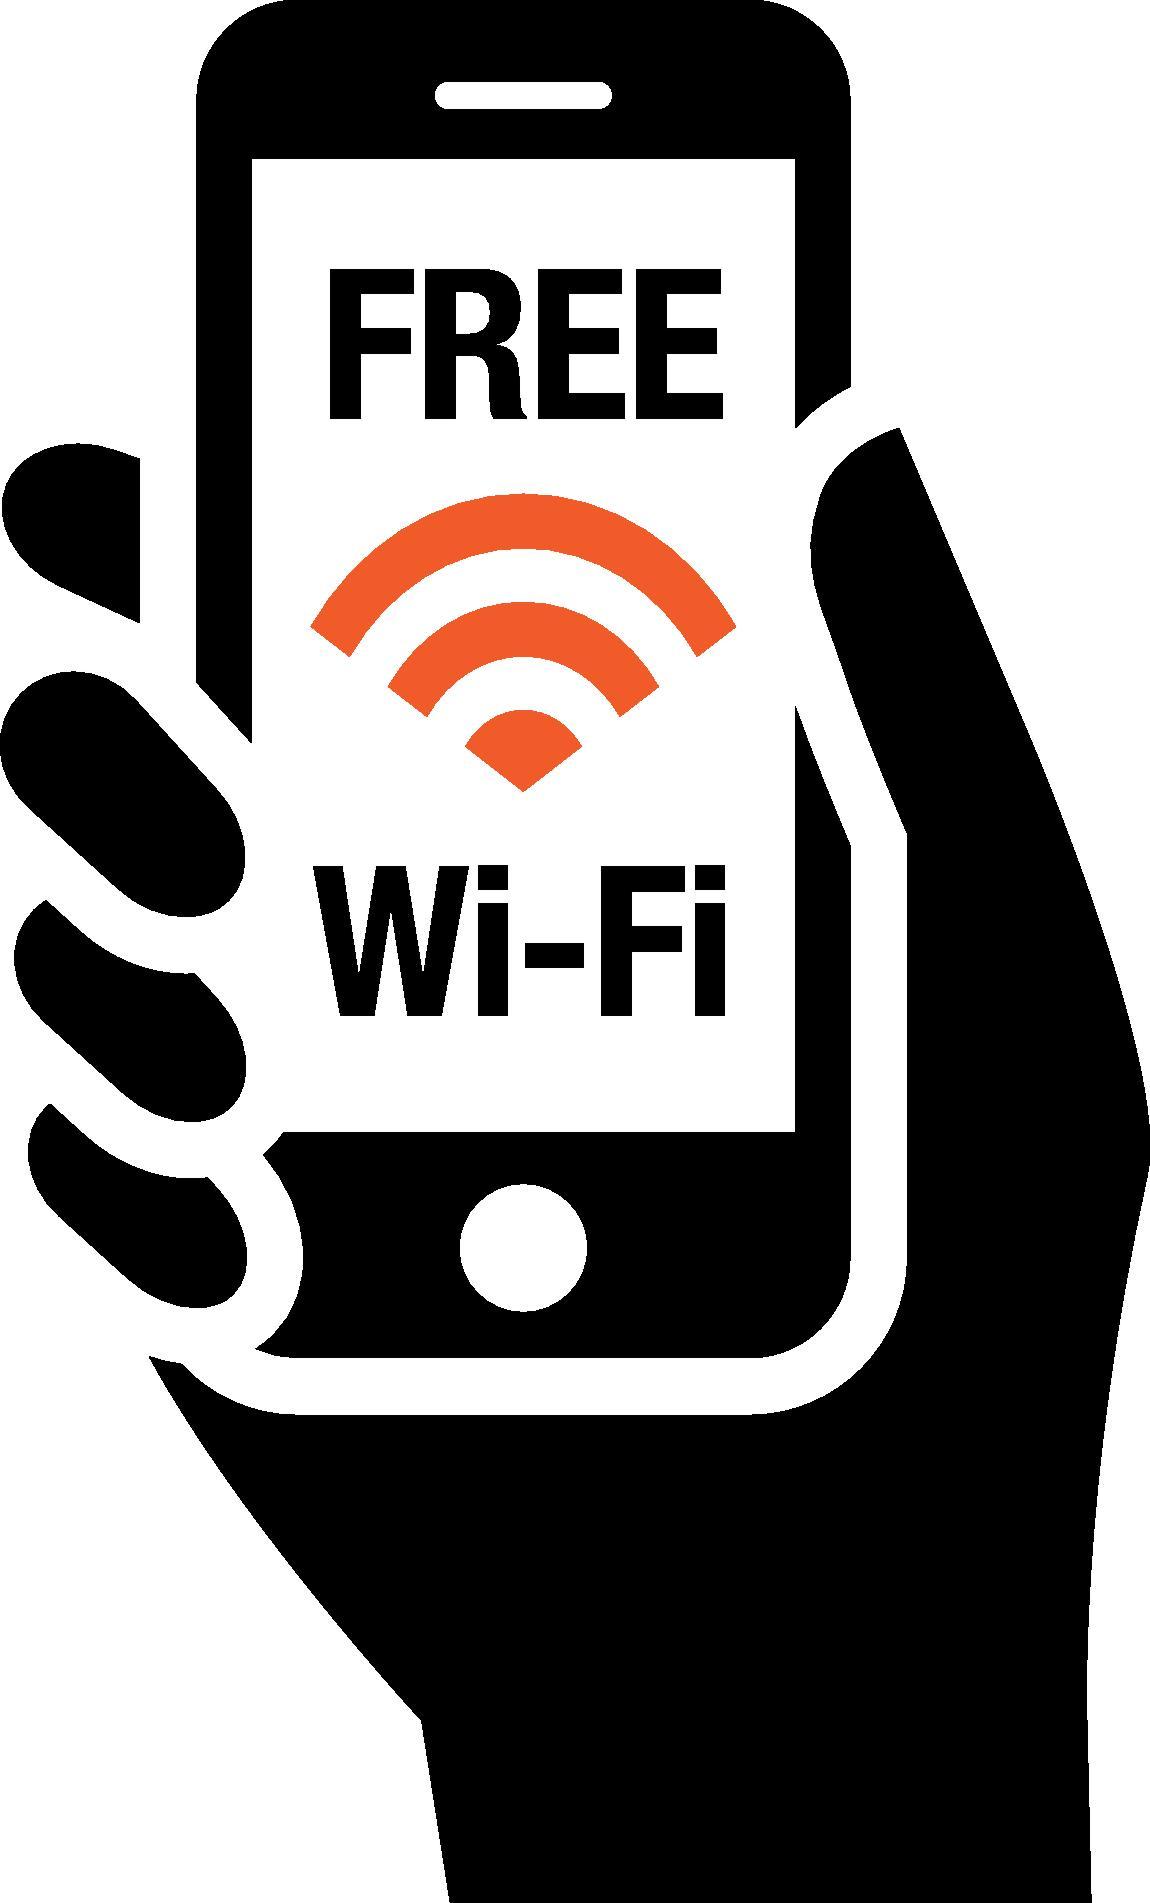 Applicazioni di collegamento locali gratis